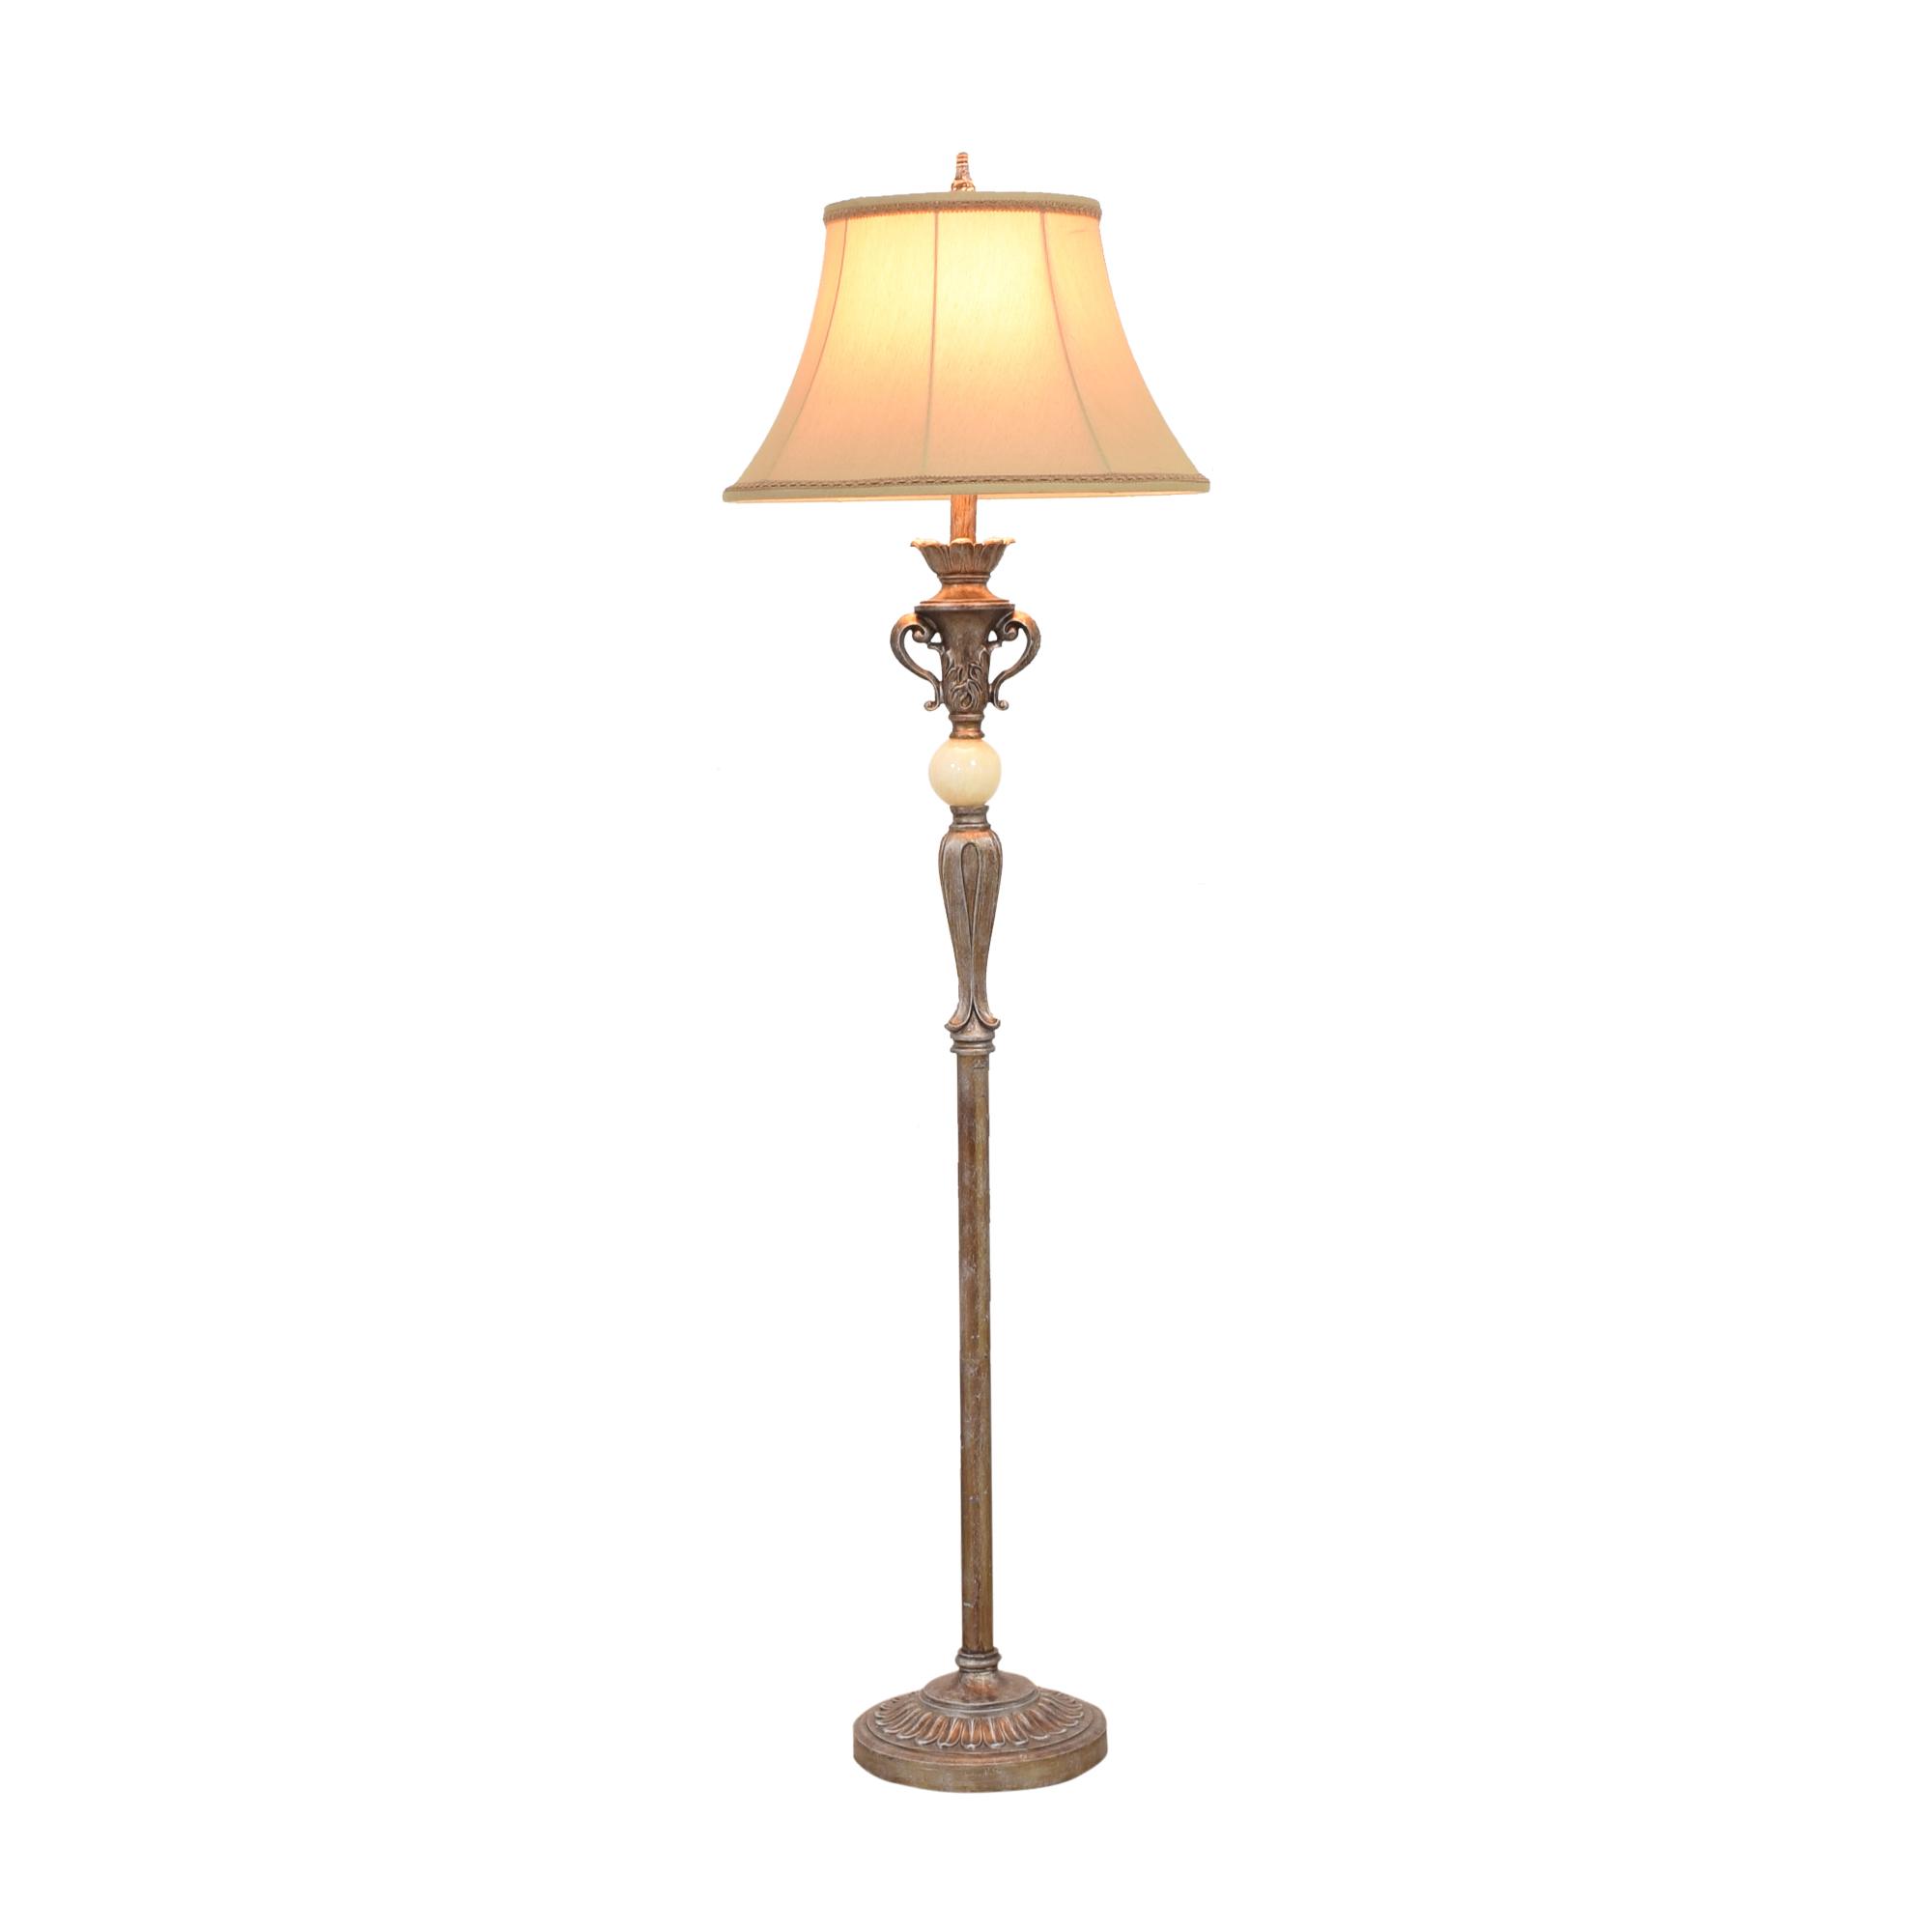 Ethan Allen Ethan Allen Floor Lamp discount